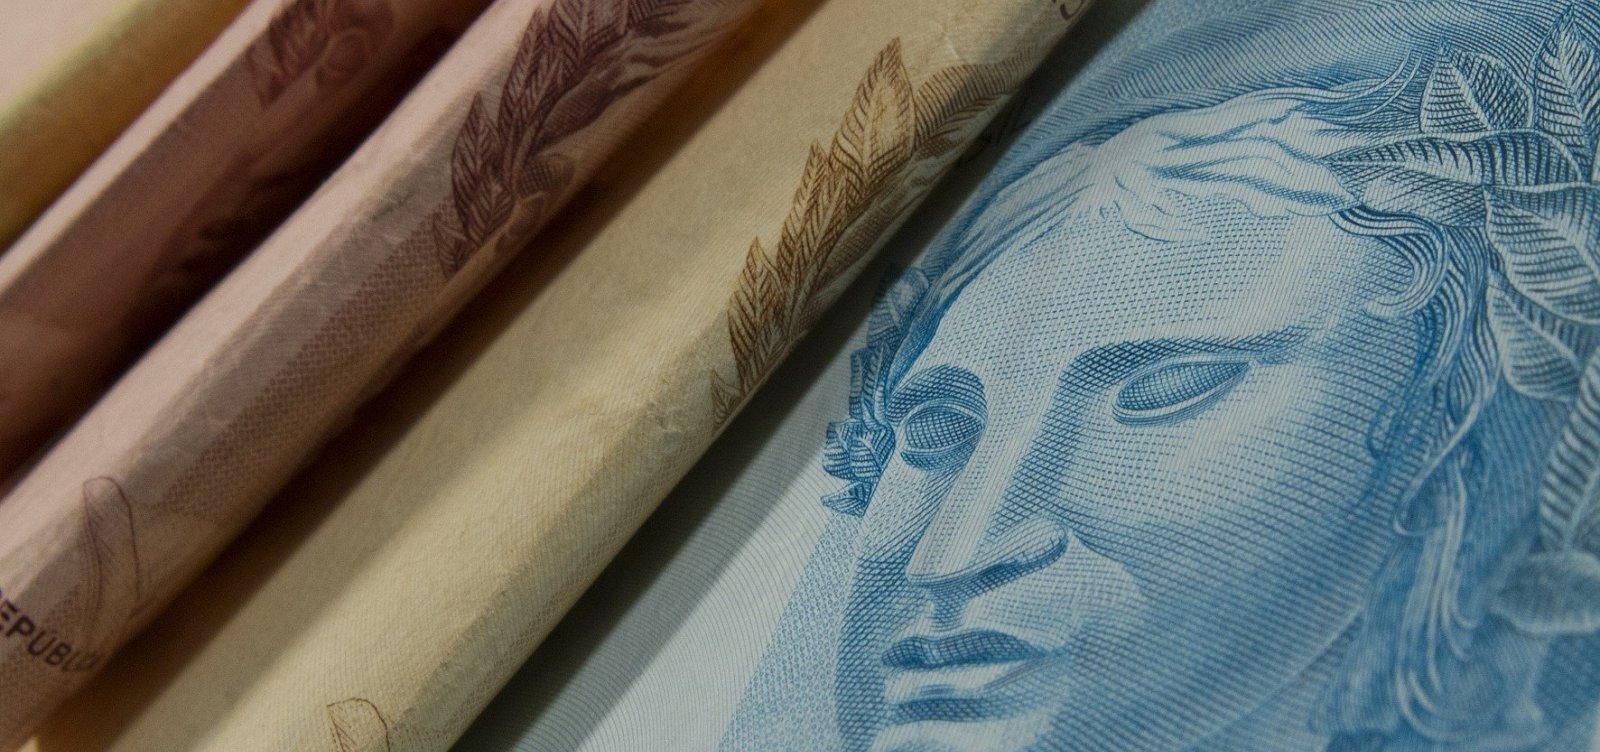 Mais de R$ 3 bi devem ser liberados do Orçamento para ministérios